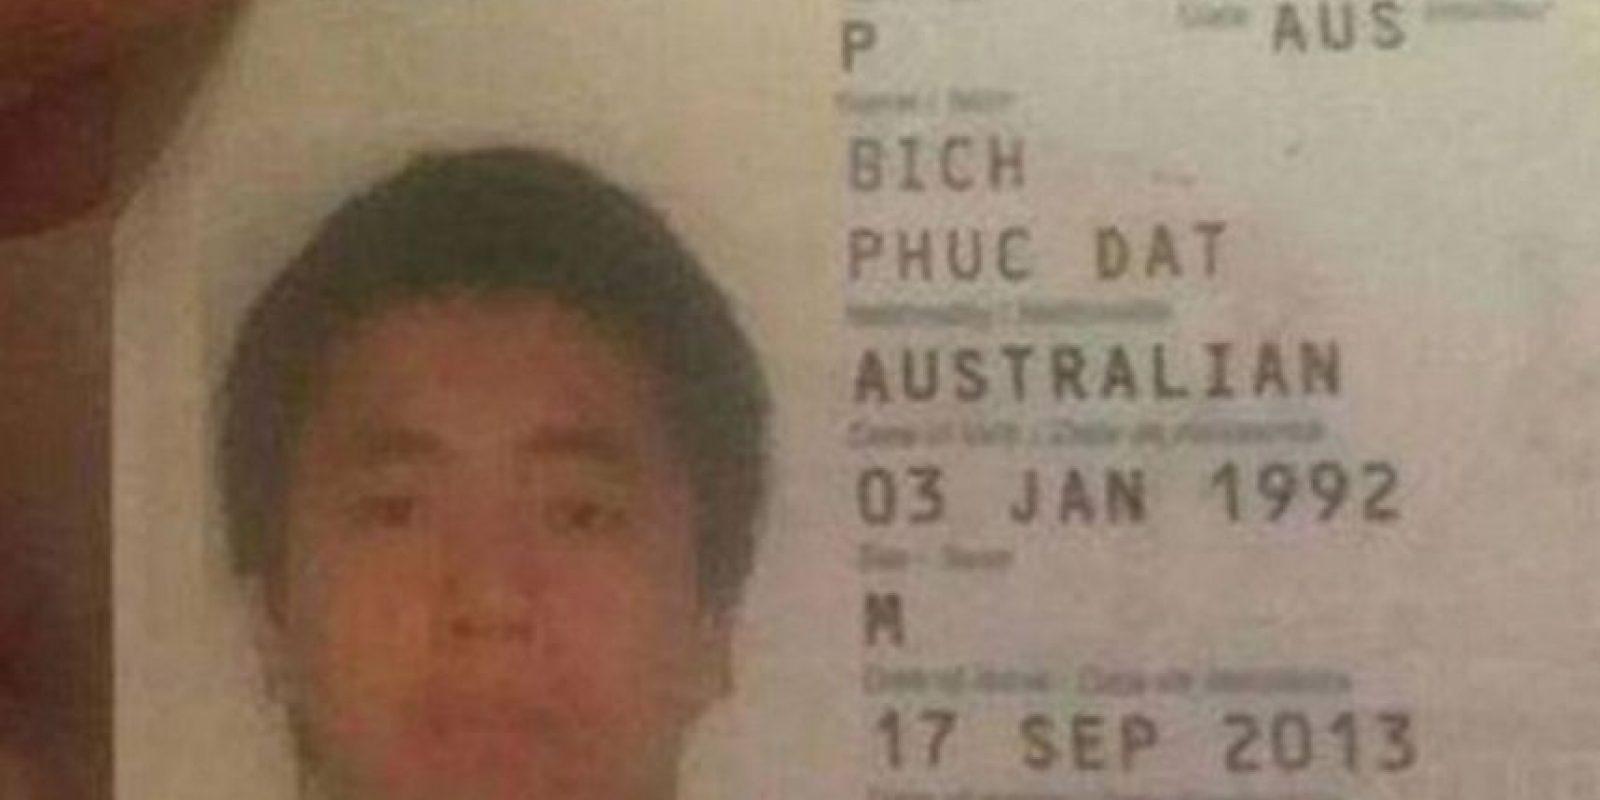 2. Falsa la noticia del hombre que decía llamarse Phuc Dat Bich Foto:Vía Facebook